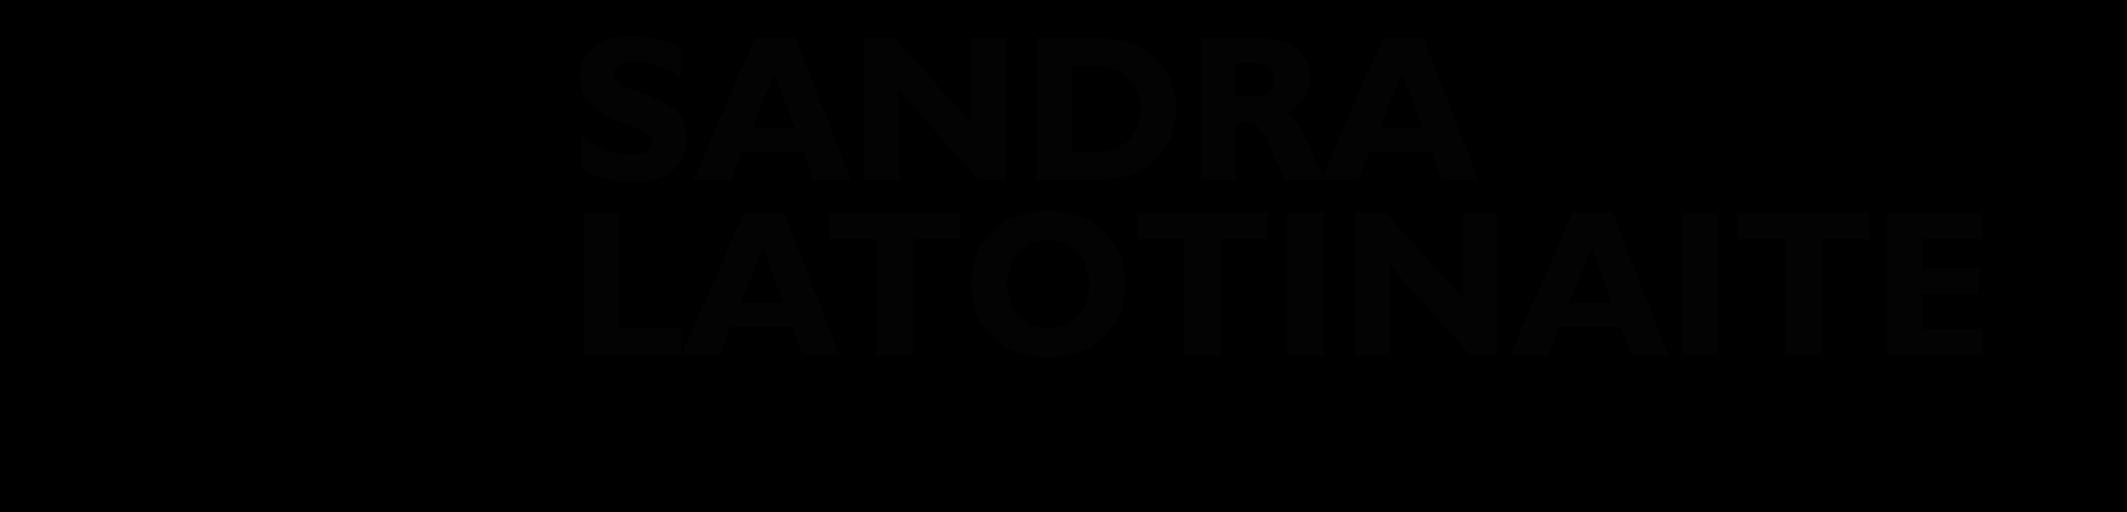 Latotinaite, Halvorsen & Skallerud